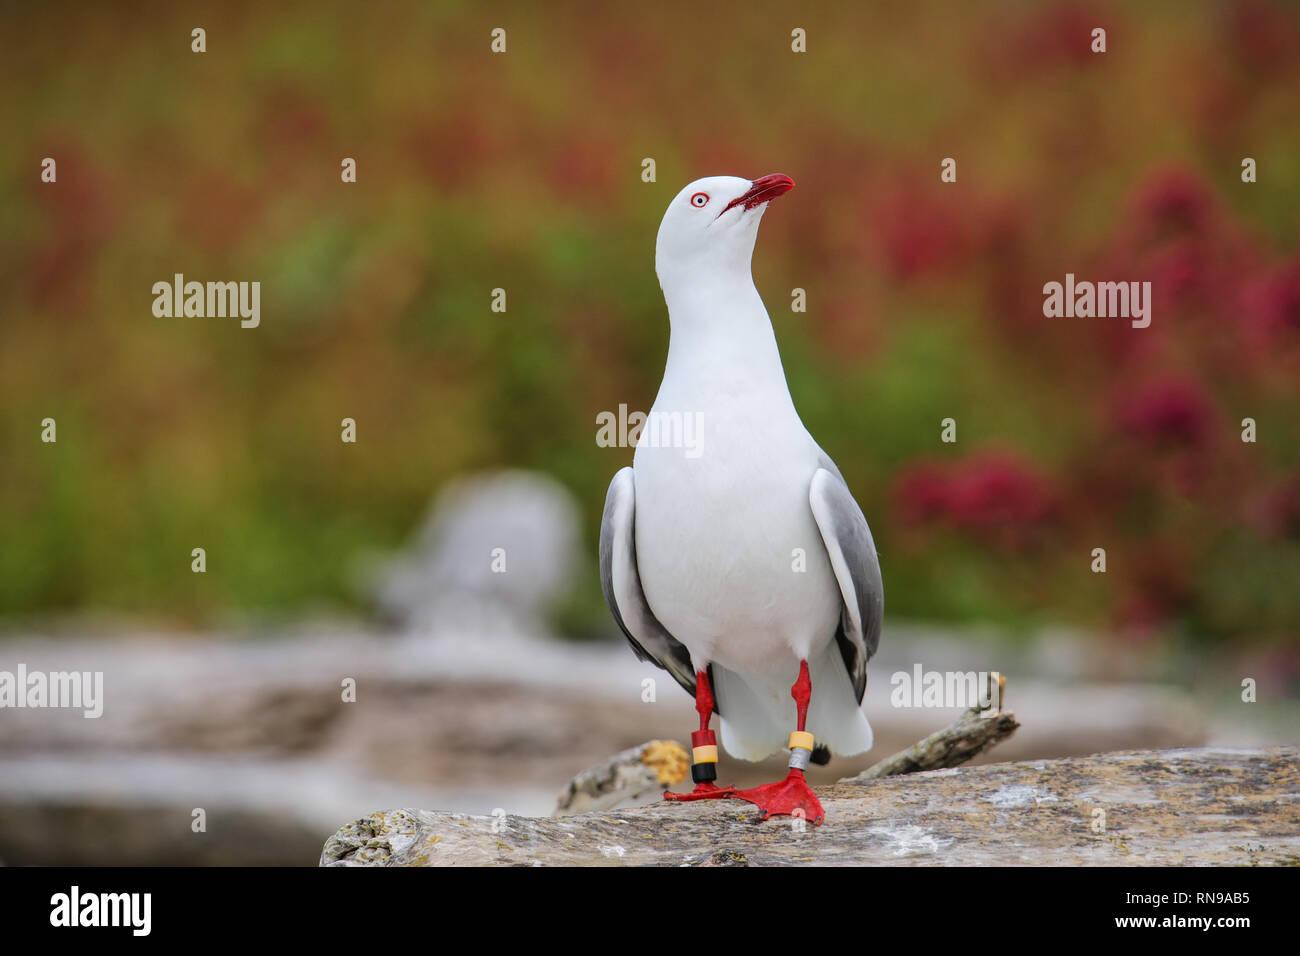 Bird Identification Stock Photos & Bird Identification Stock